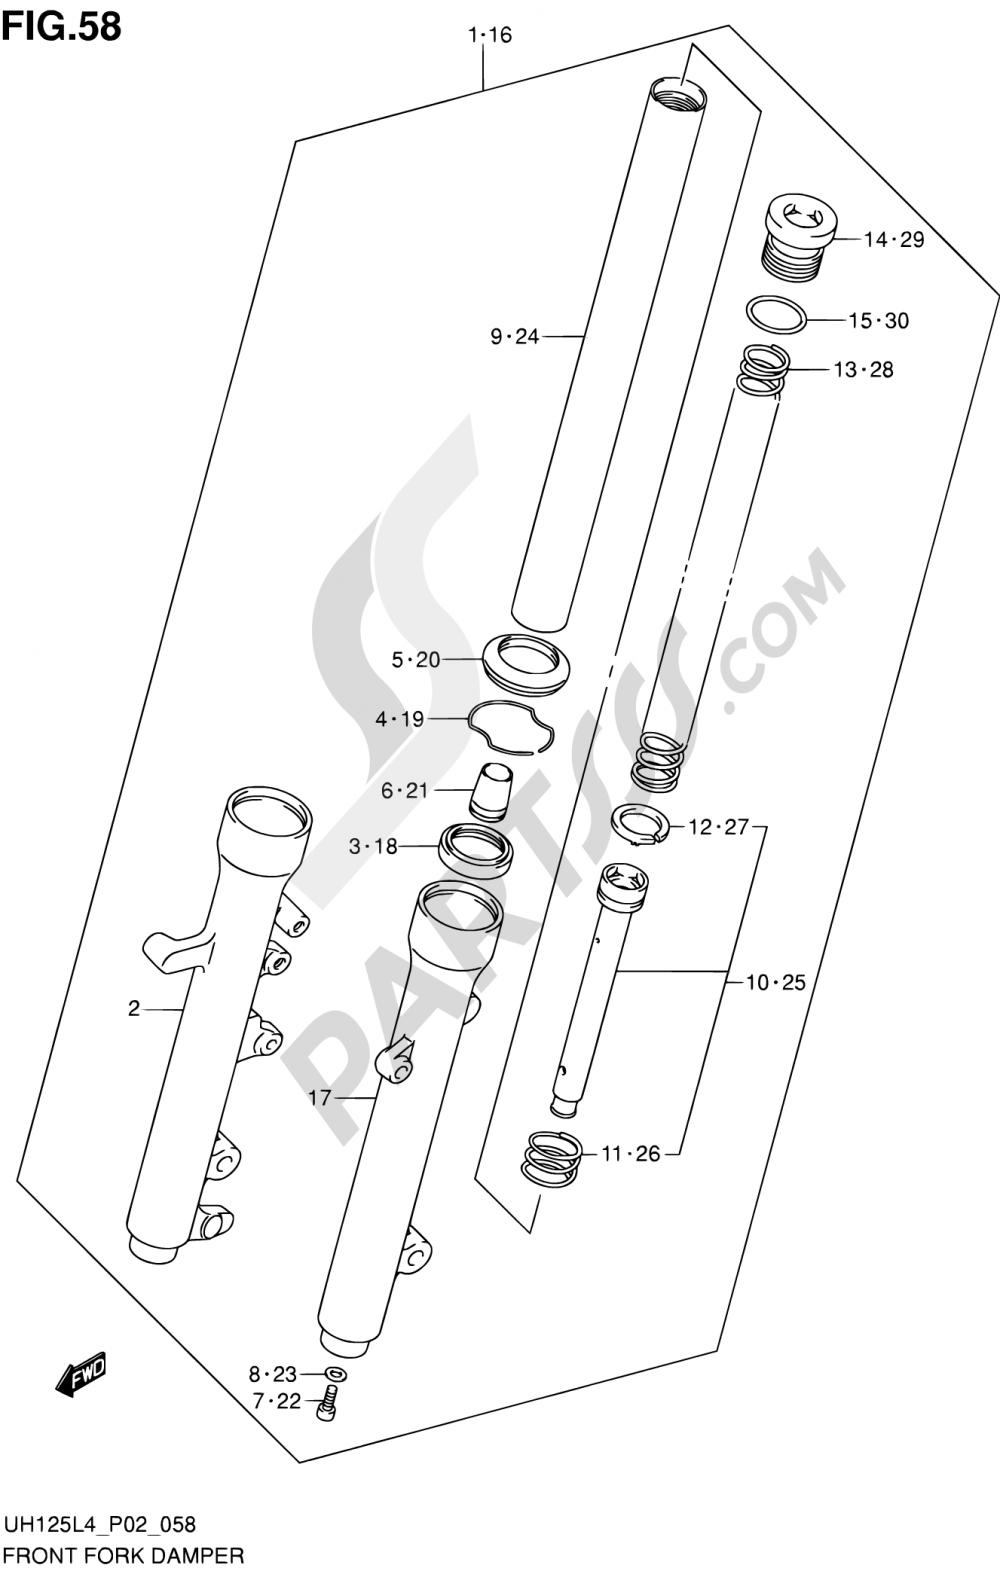 58 - FRONT FORK DAMPER (UH125L4 P02) Suzuki BURGMAN UH125A 2014